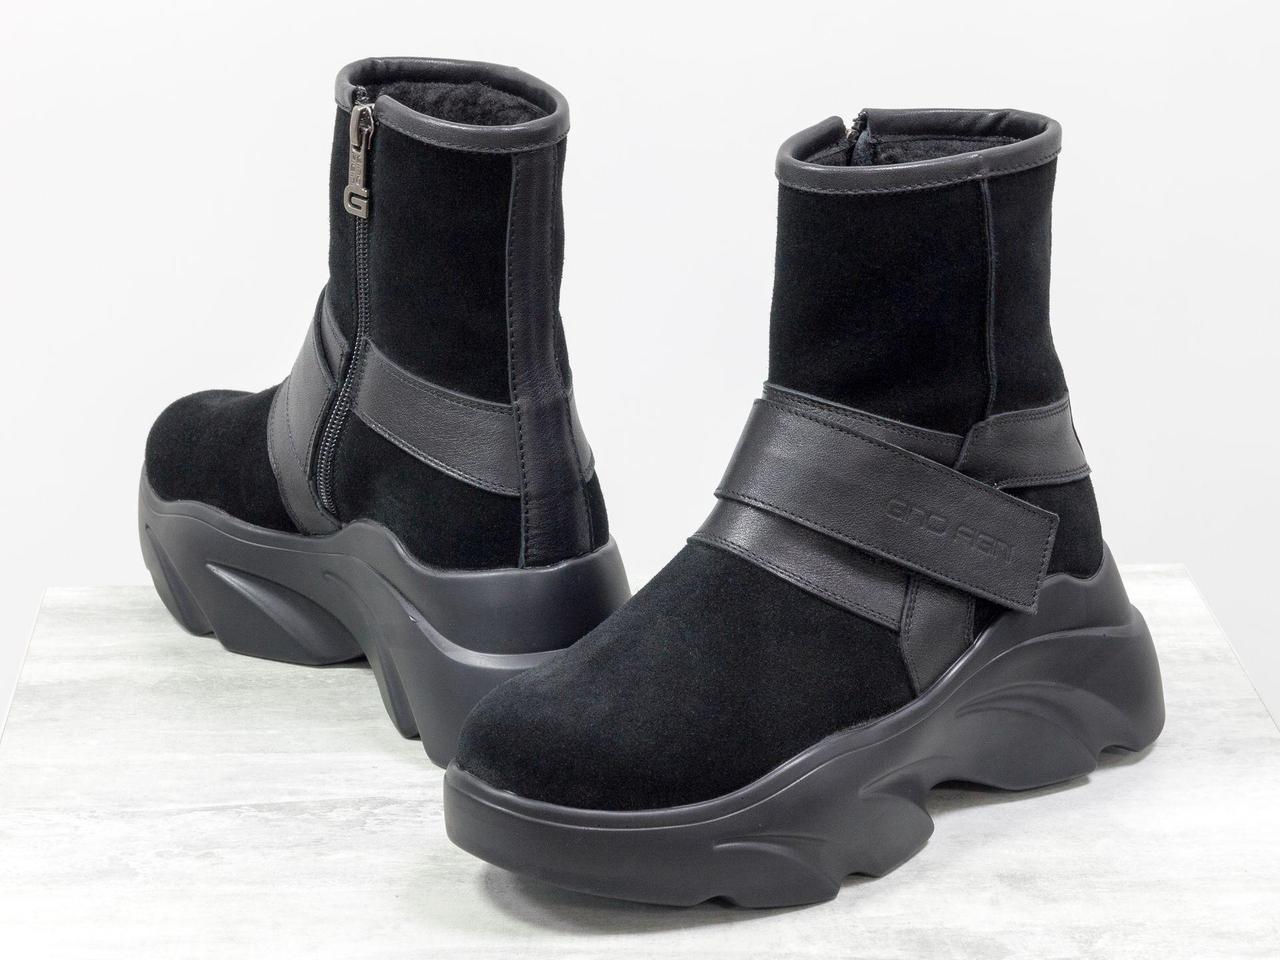 Яркие женские спортивные ботинки на липучке, из натуральной замши и кожи черного цвета